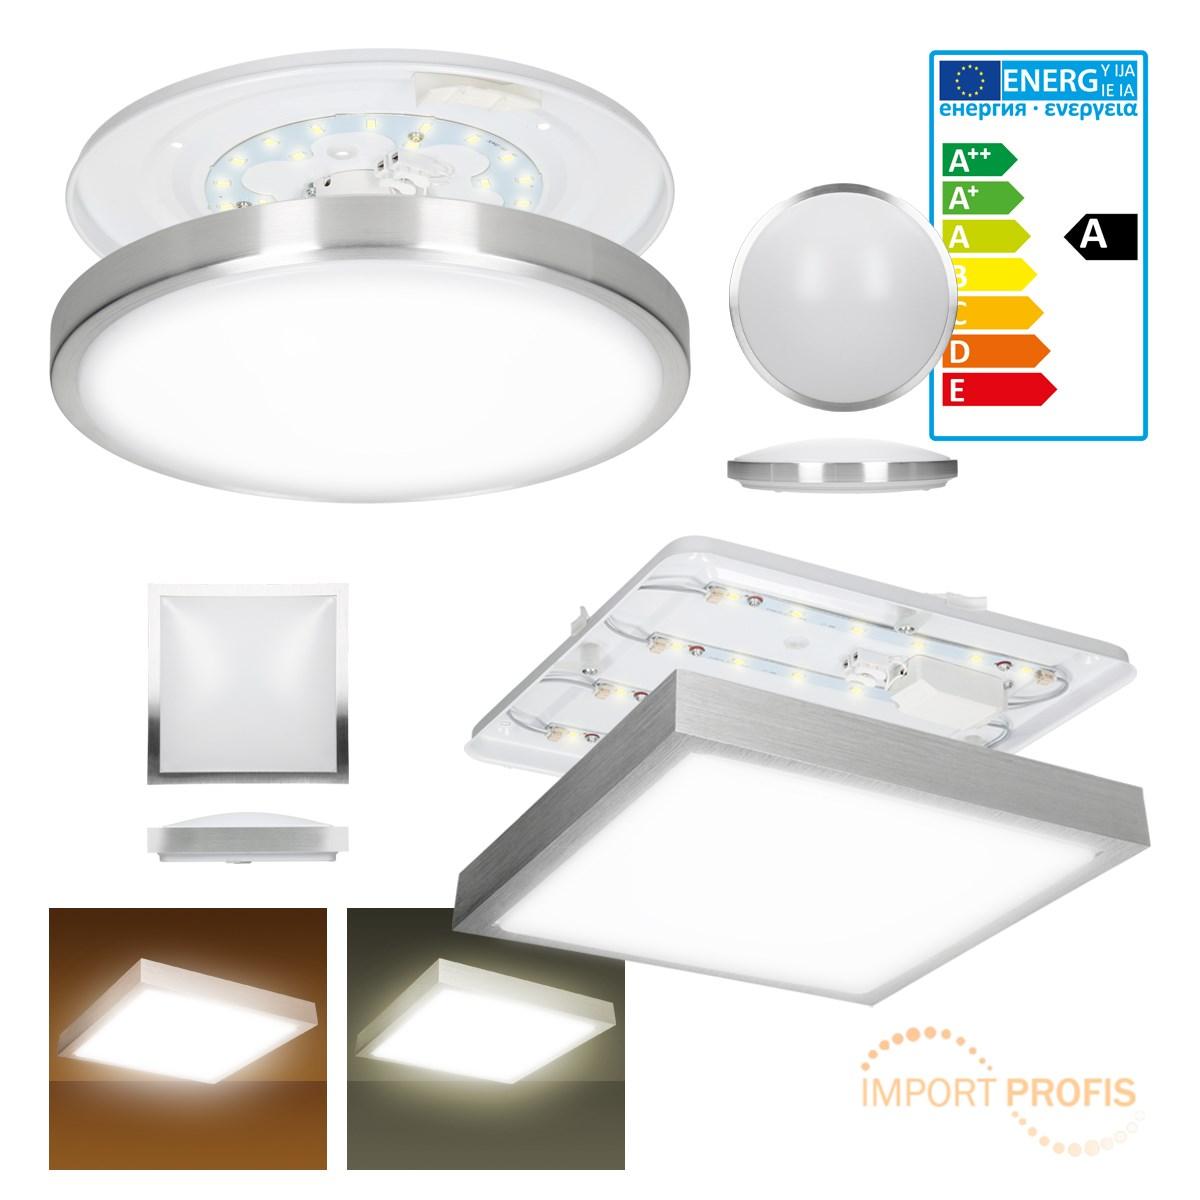 Lampe Deckenleuchte Deckenlampe Leuchte Led Led Decken Leuchte Led